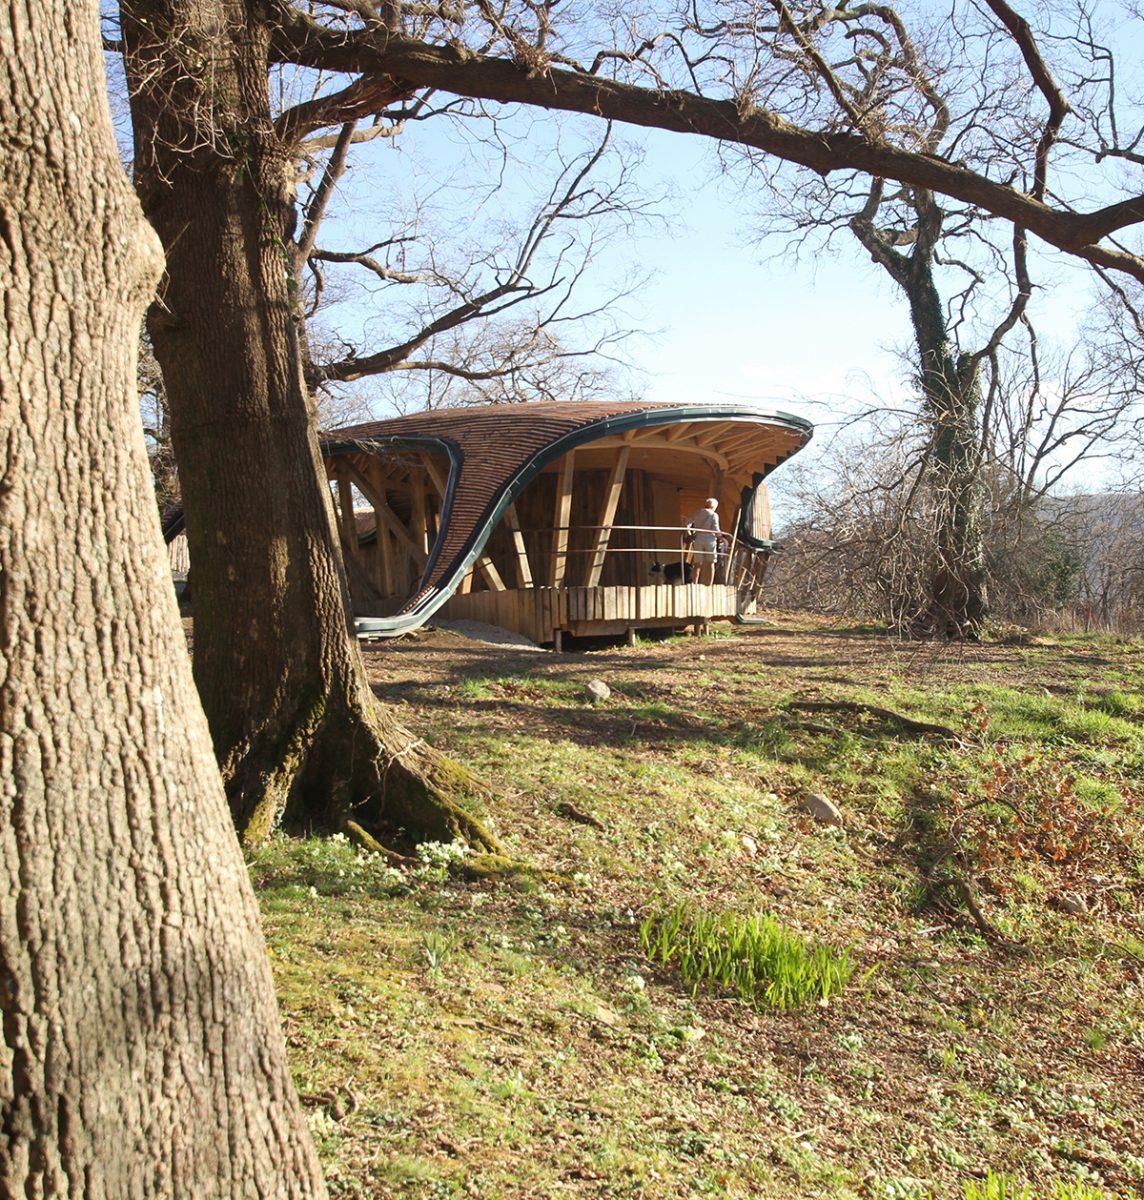 Aquitaine : Zoom sur un bâtiment public en bois